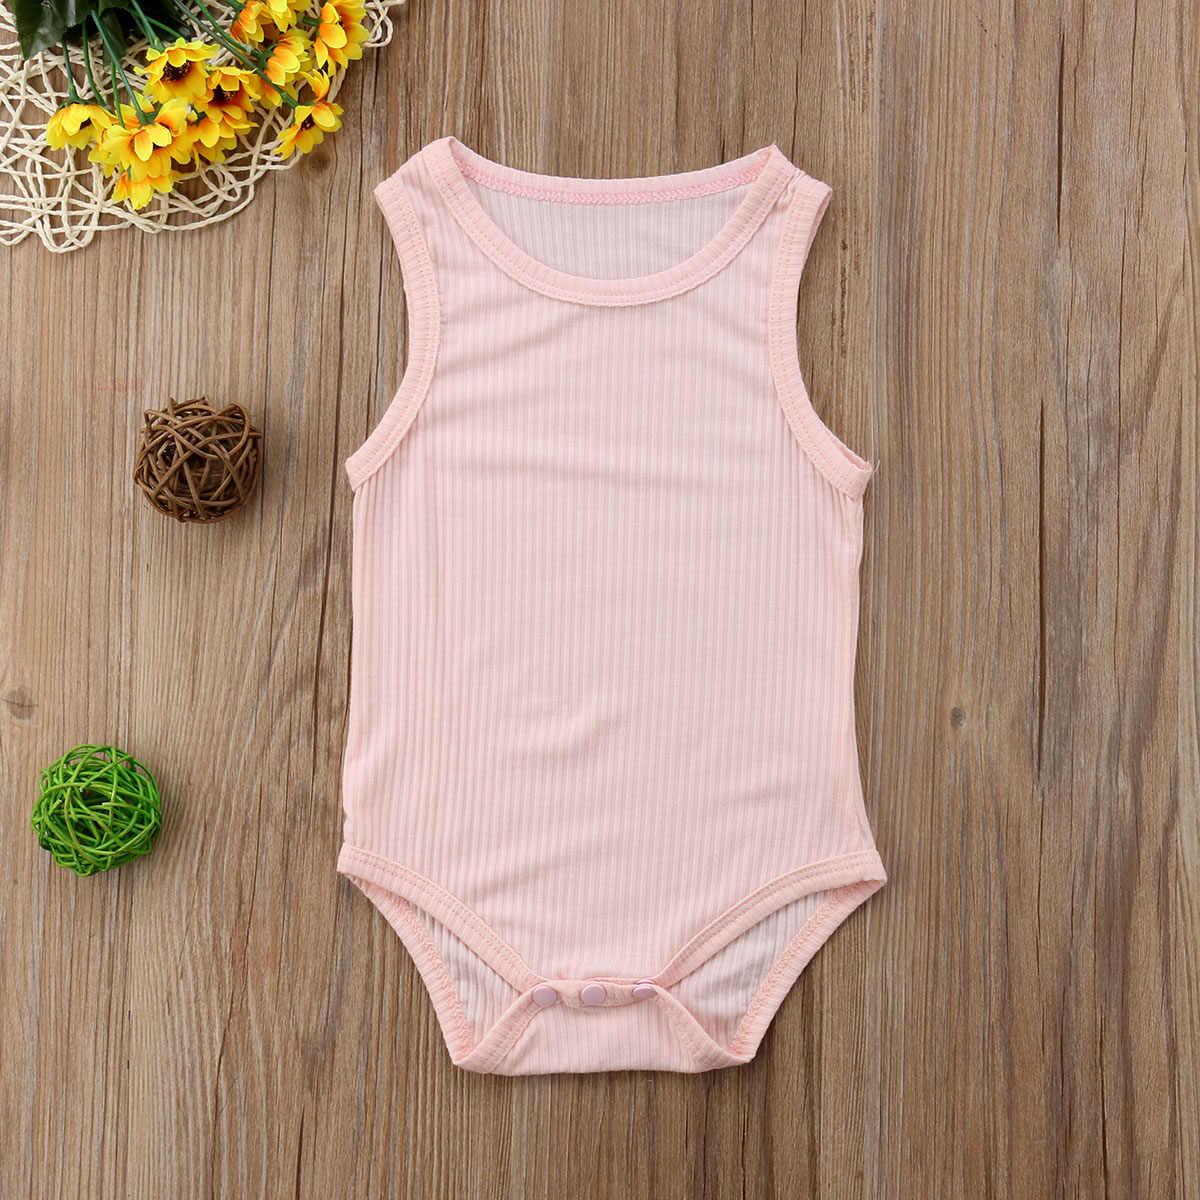 2018 Brand New Sơ Sinh Toddler Infant Bé Gái Bé Trai Cotton Không Tay Bodysuit Sườn Jumpsuit Solid Bán Buôn Outfits Quần Áo